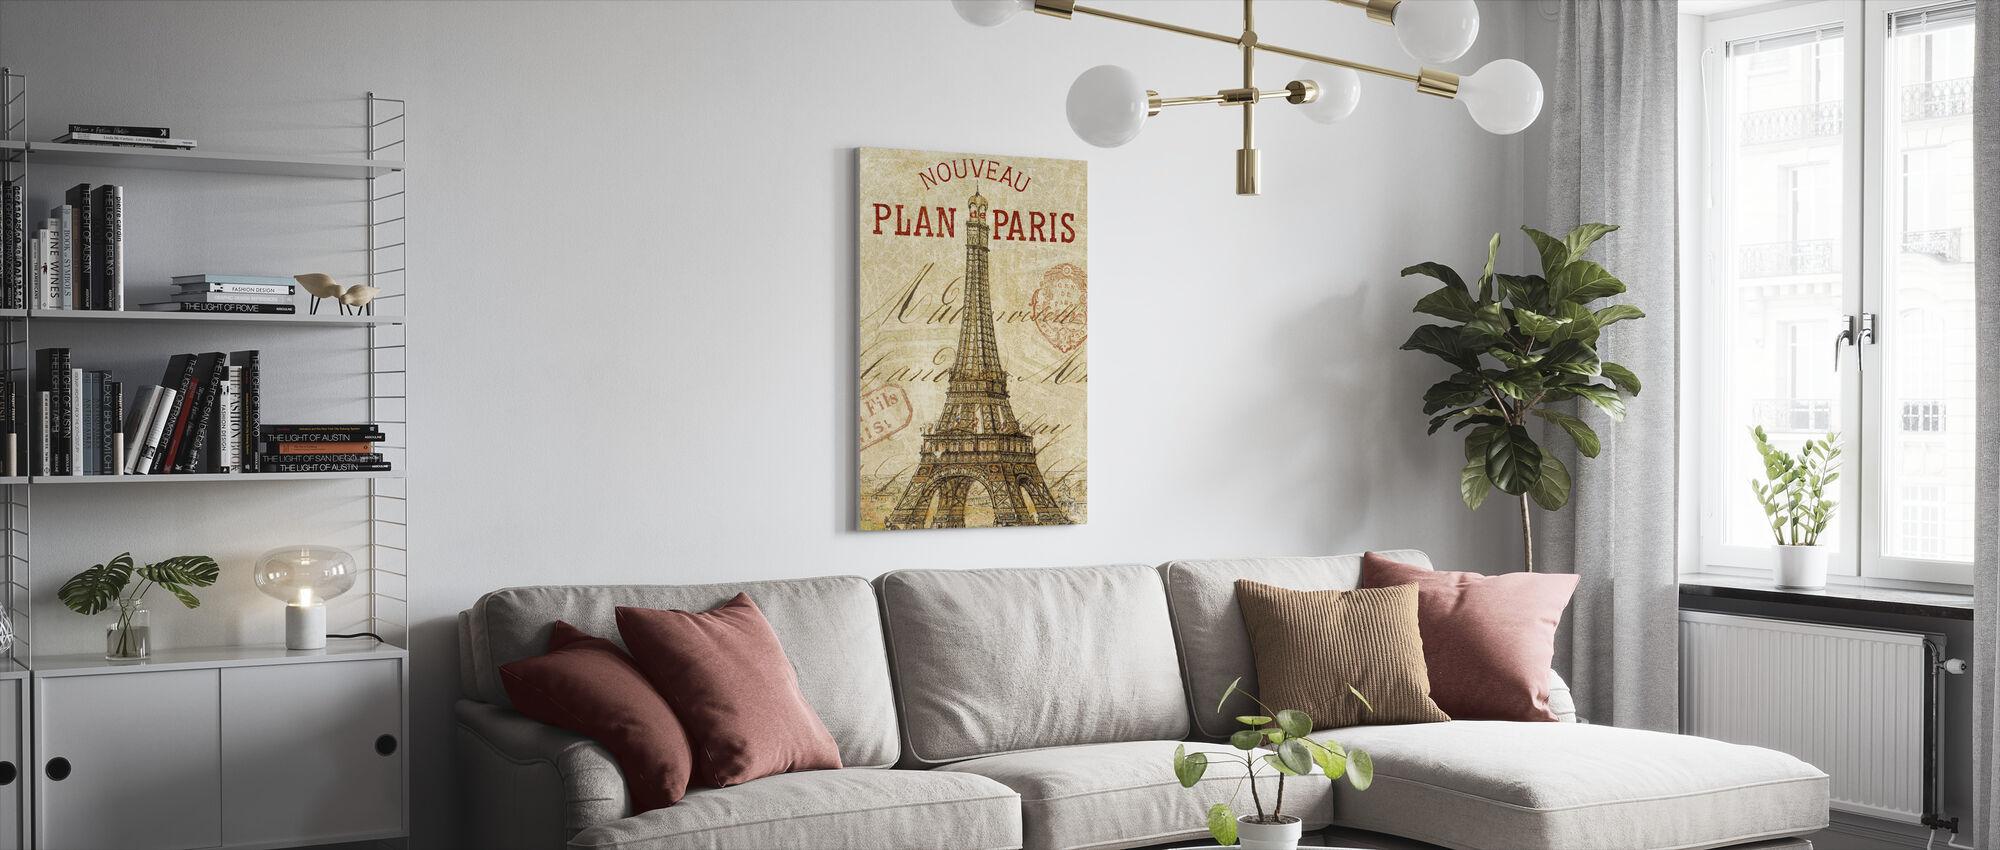 Brev från Paris - Canvastavla - Vardagsrum